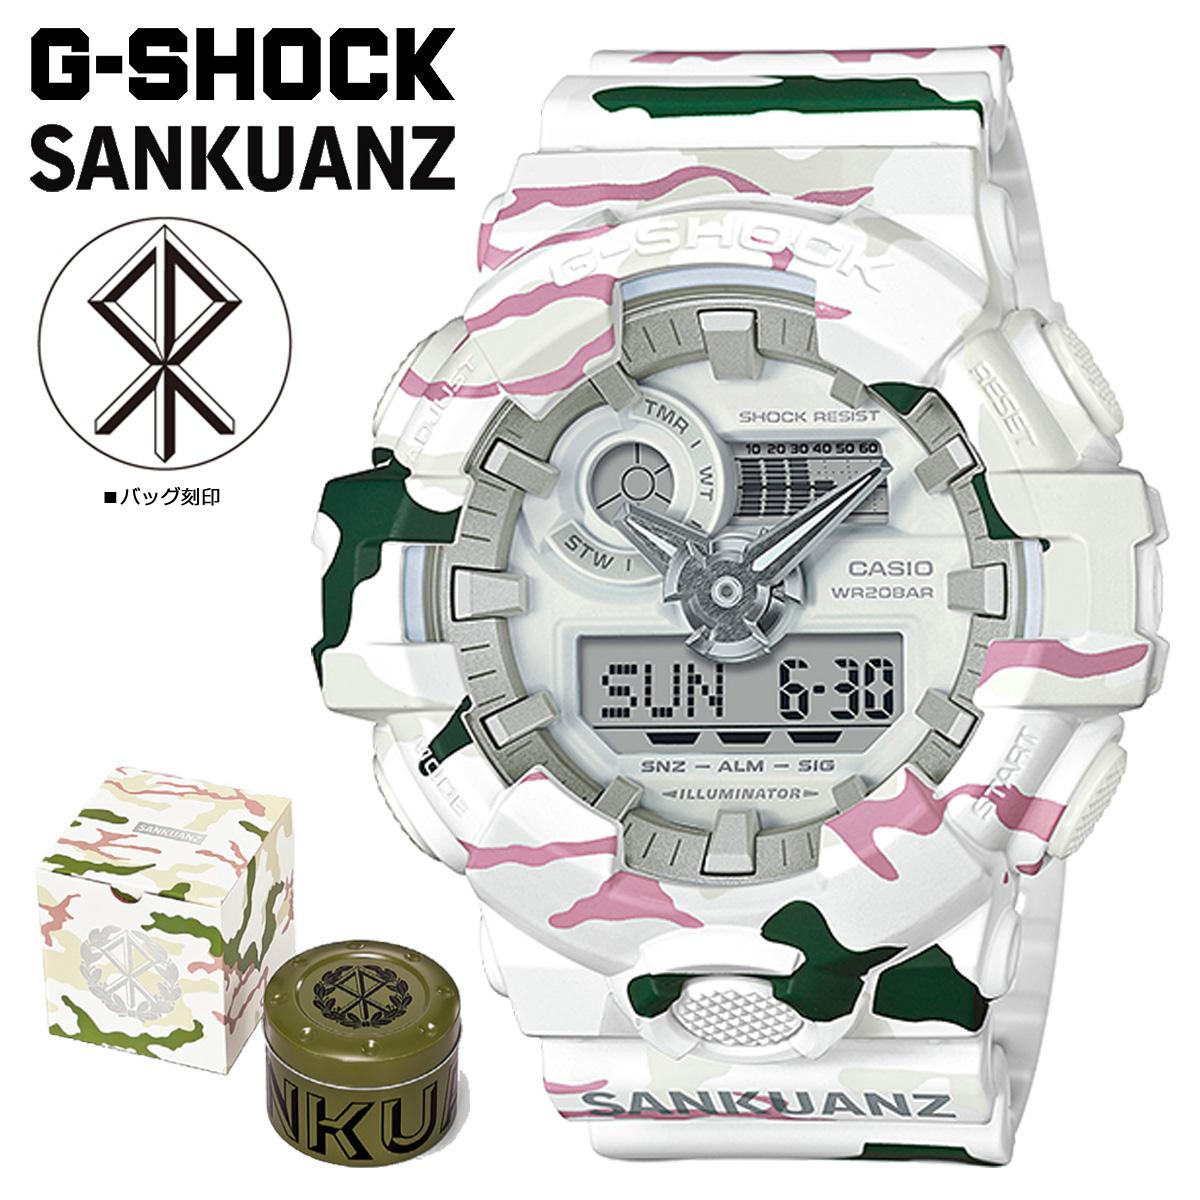 カシオ CASIO G-SHOCK 腕時計 GA-700SKZ-7AJR コラボ SANKUANZ 35周年 ジーショック Gショック G-ショック カモフラージュ メンズ レディース